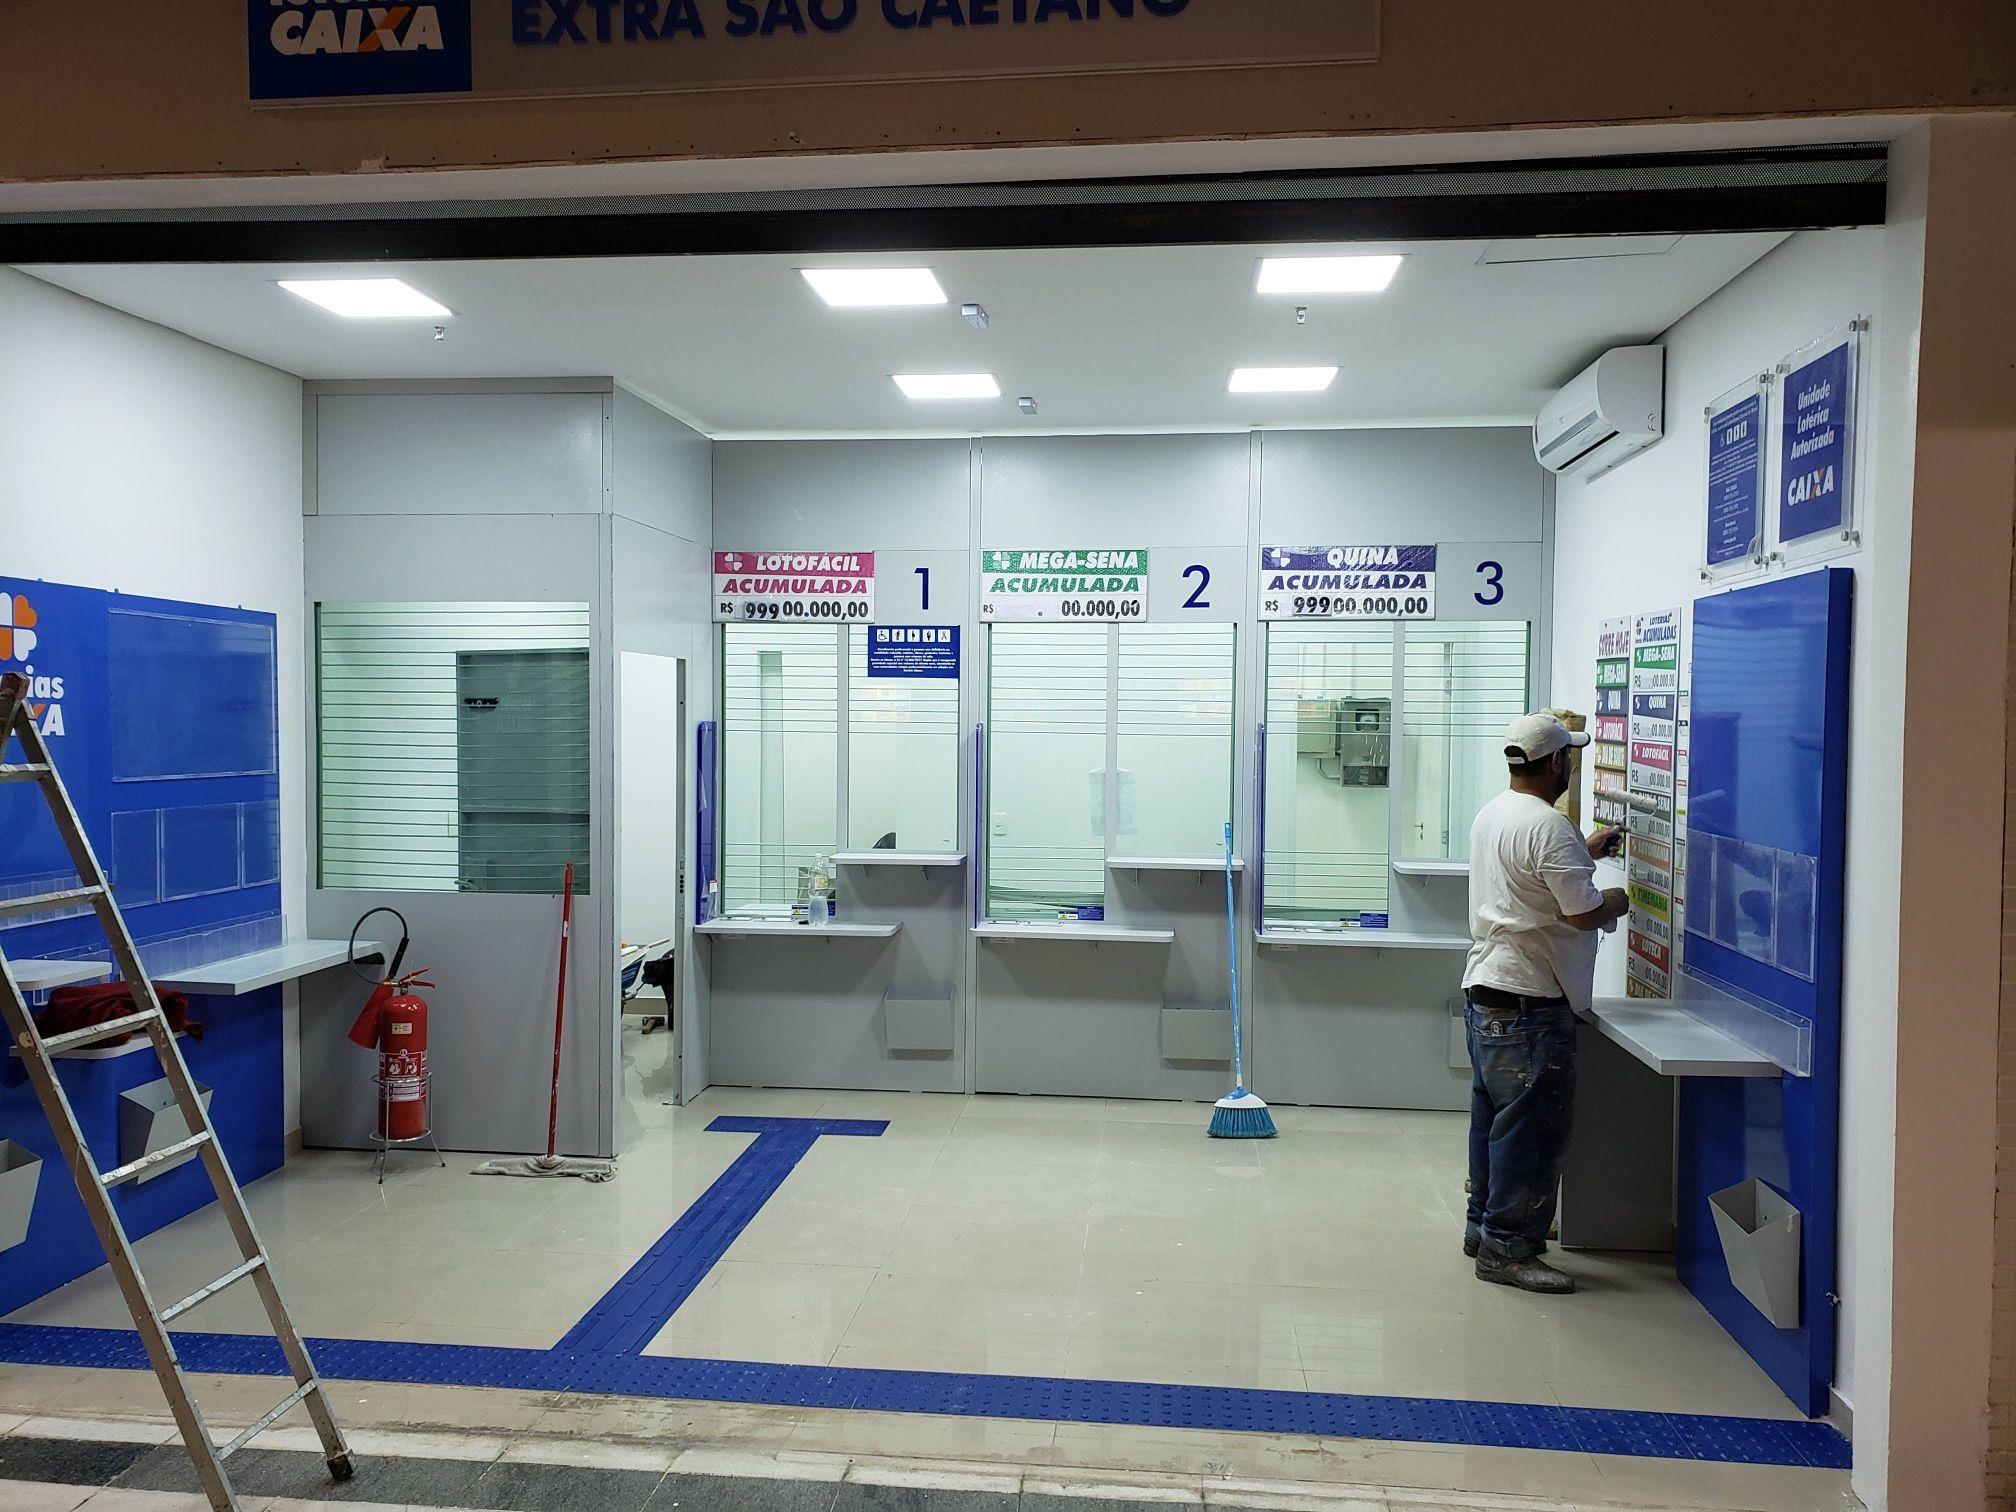 lotérica São Caetano